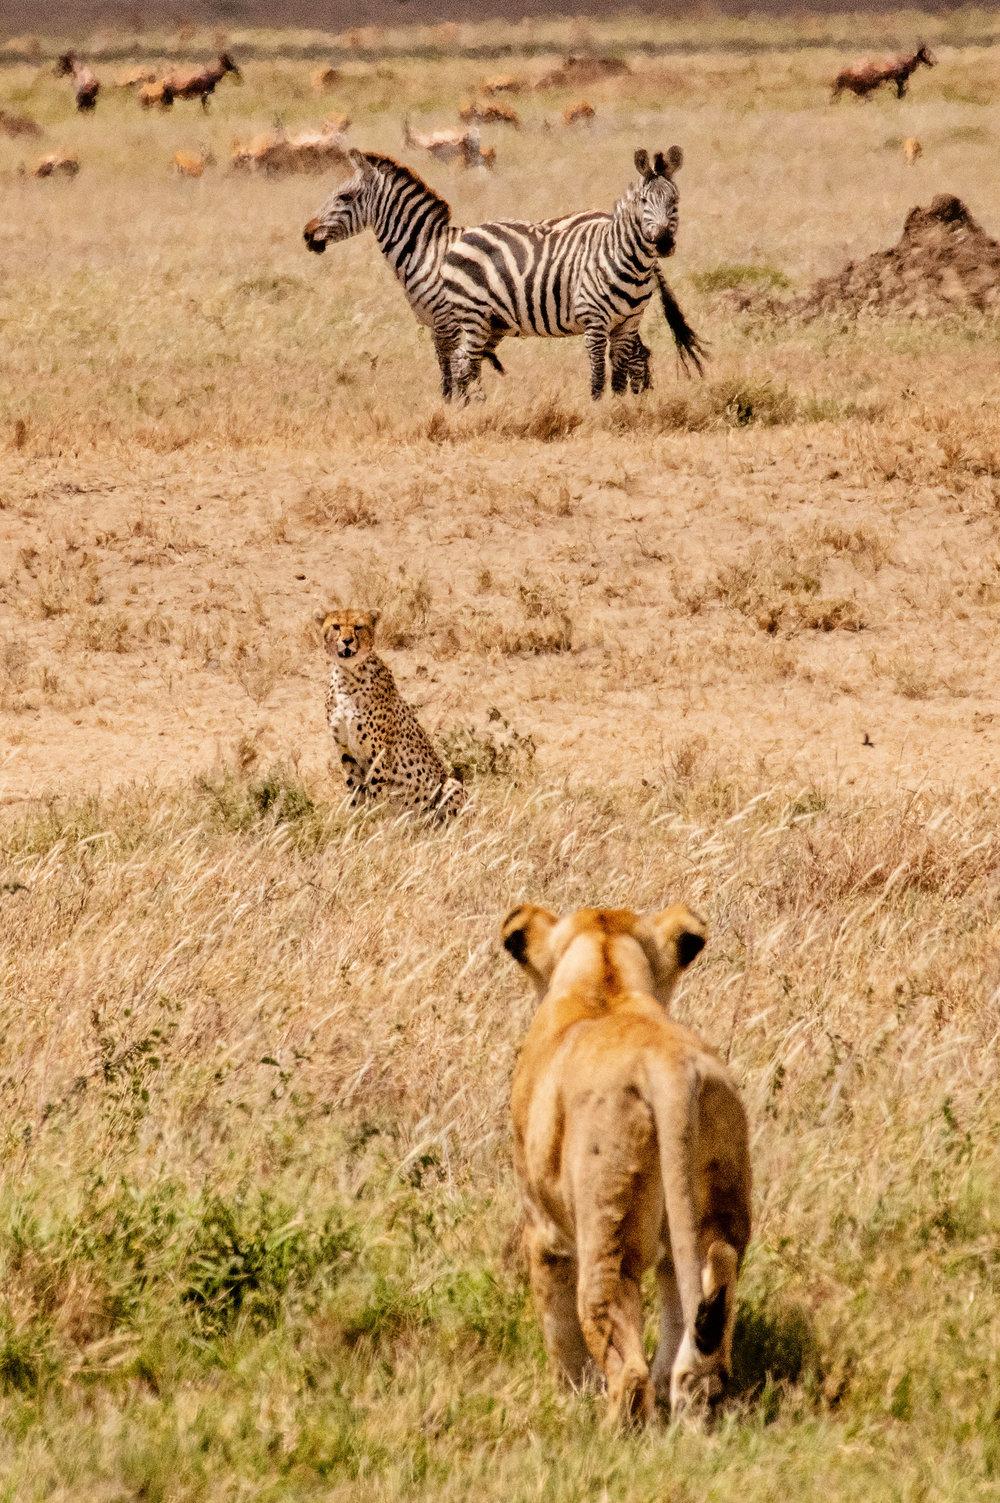 Serengeti2018-WateringHole-37.jpg